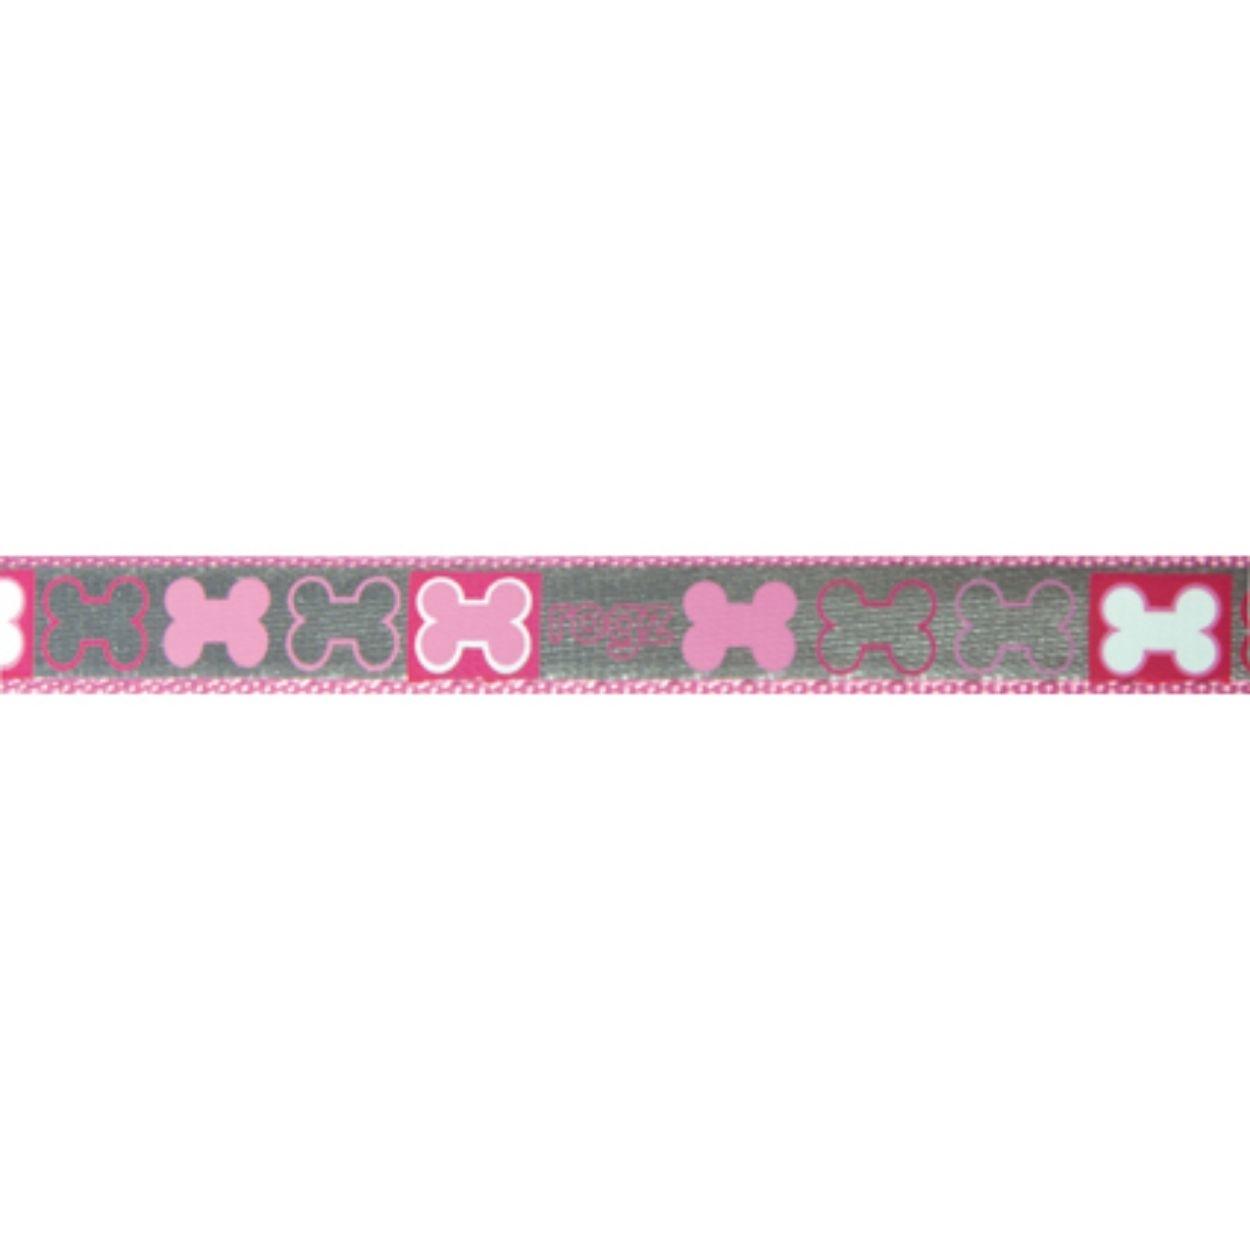 Rogz Reflecto - Hundeleine reflektierend, pink - 180 cm x 8 mm